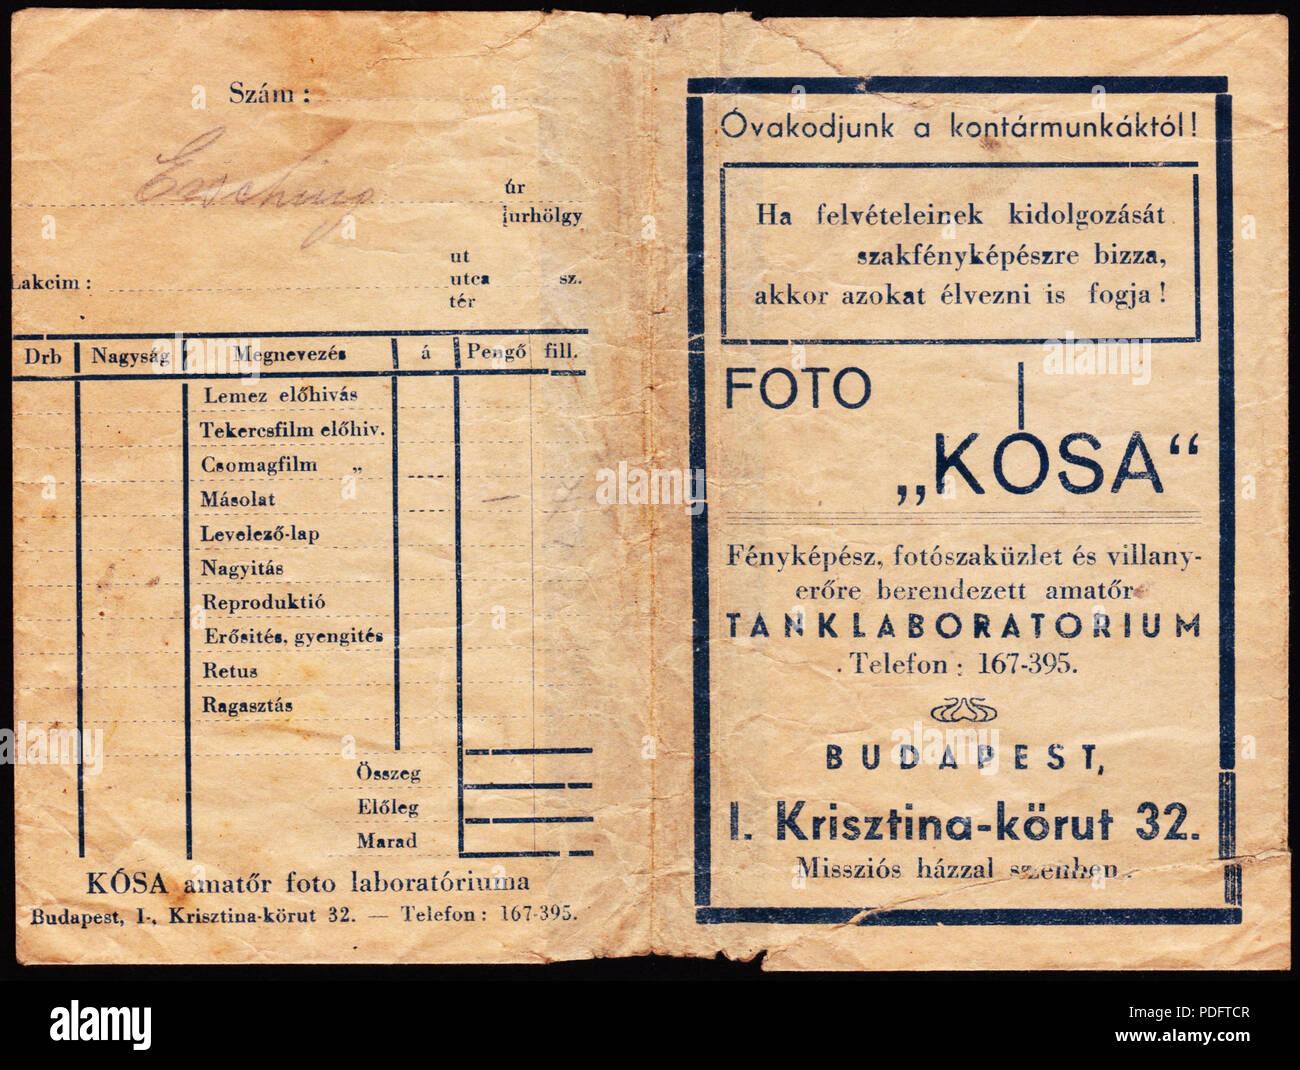 186 Krisztina körút 32., Kósa fotószaküzlete. Fortepan 81543 - Stock Image